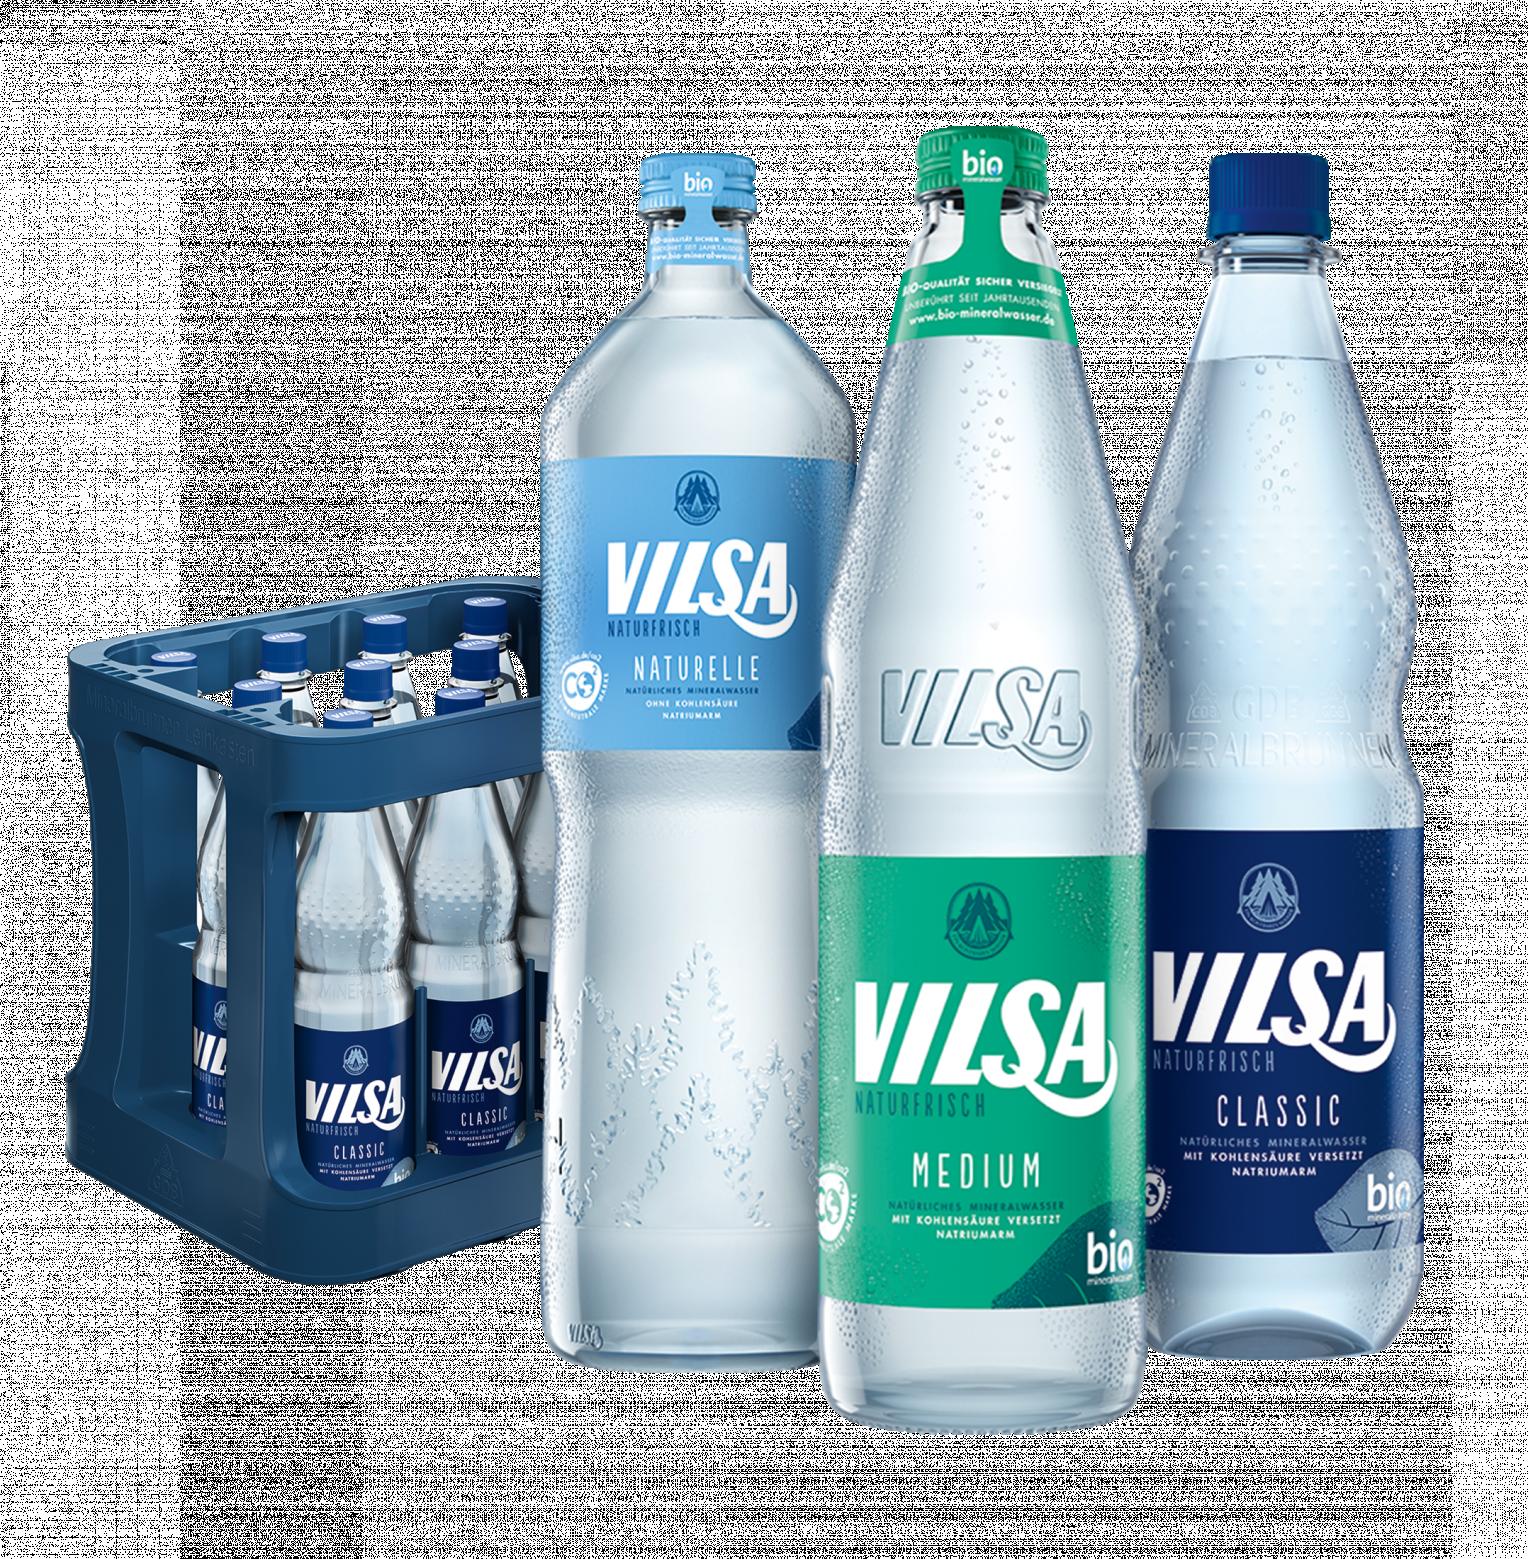 Kasten mit VILSA Mineralwasser classic 0,5l Genießerflasche Naturelle, VILSA Mineralwasser Medium 1,0l Glas, PET VILSA Mineralwasser classic 1,0l